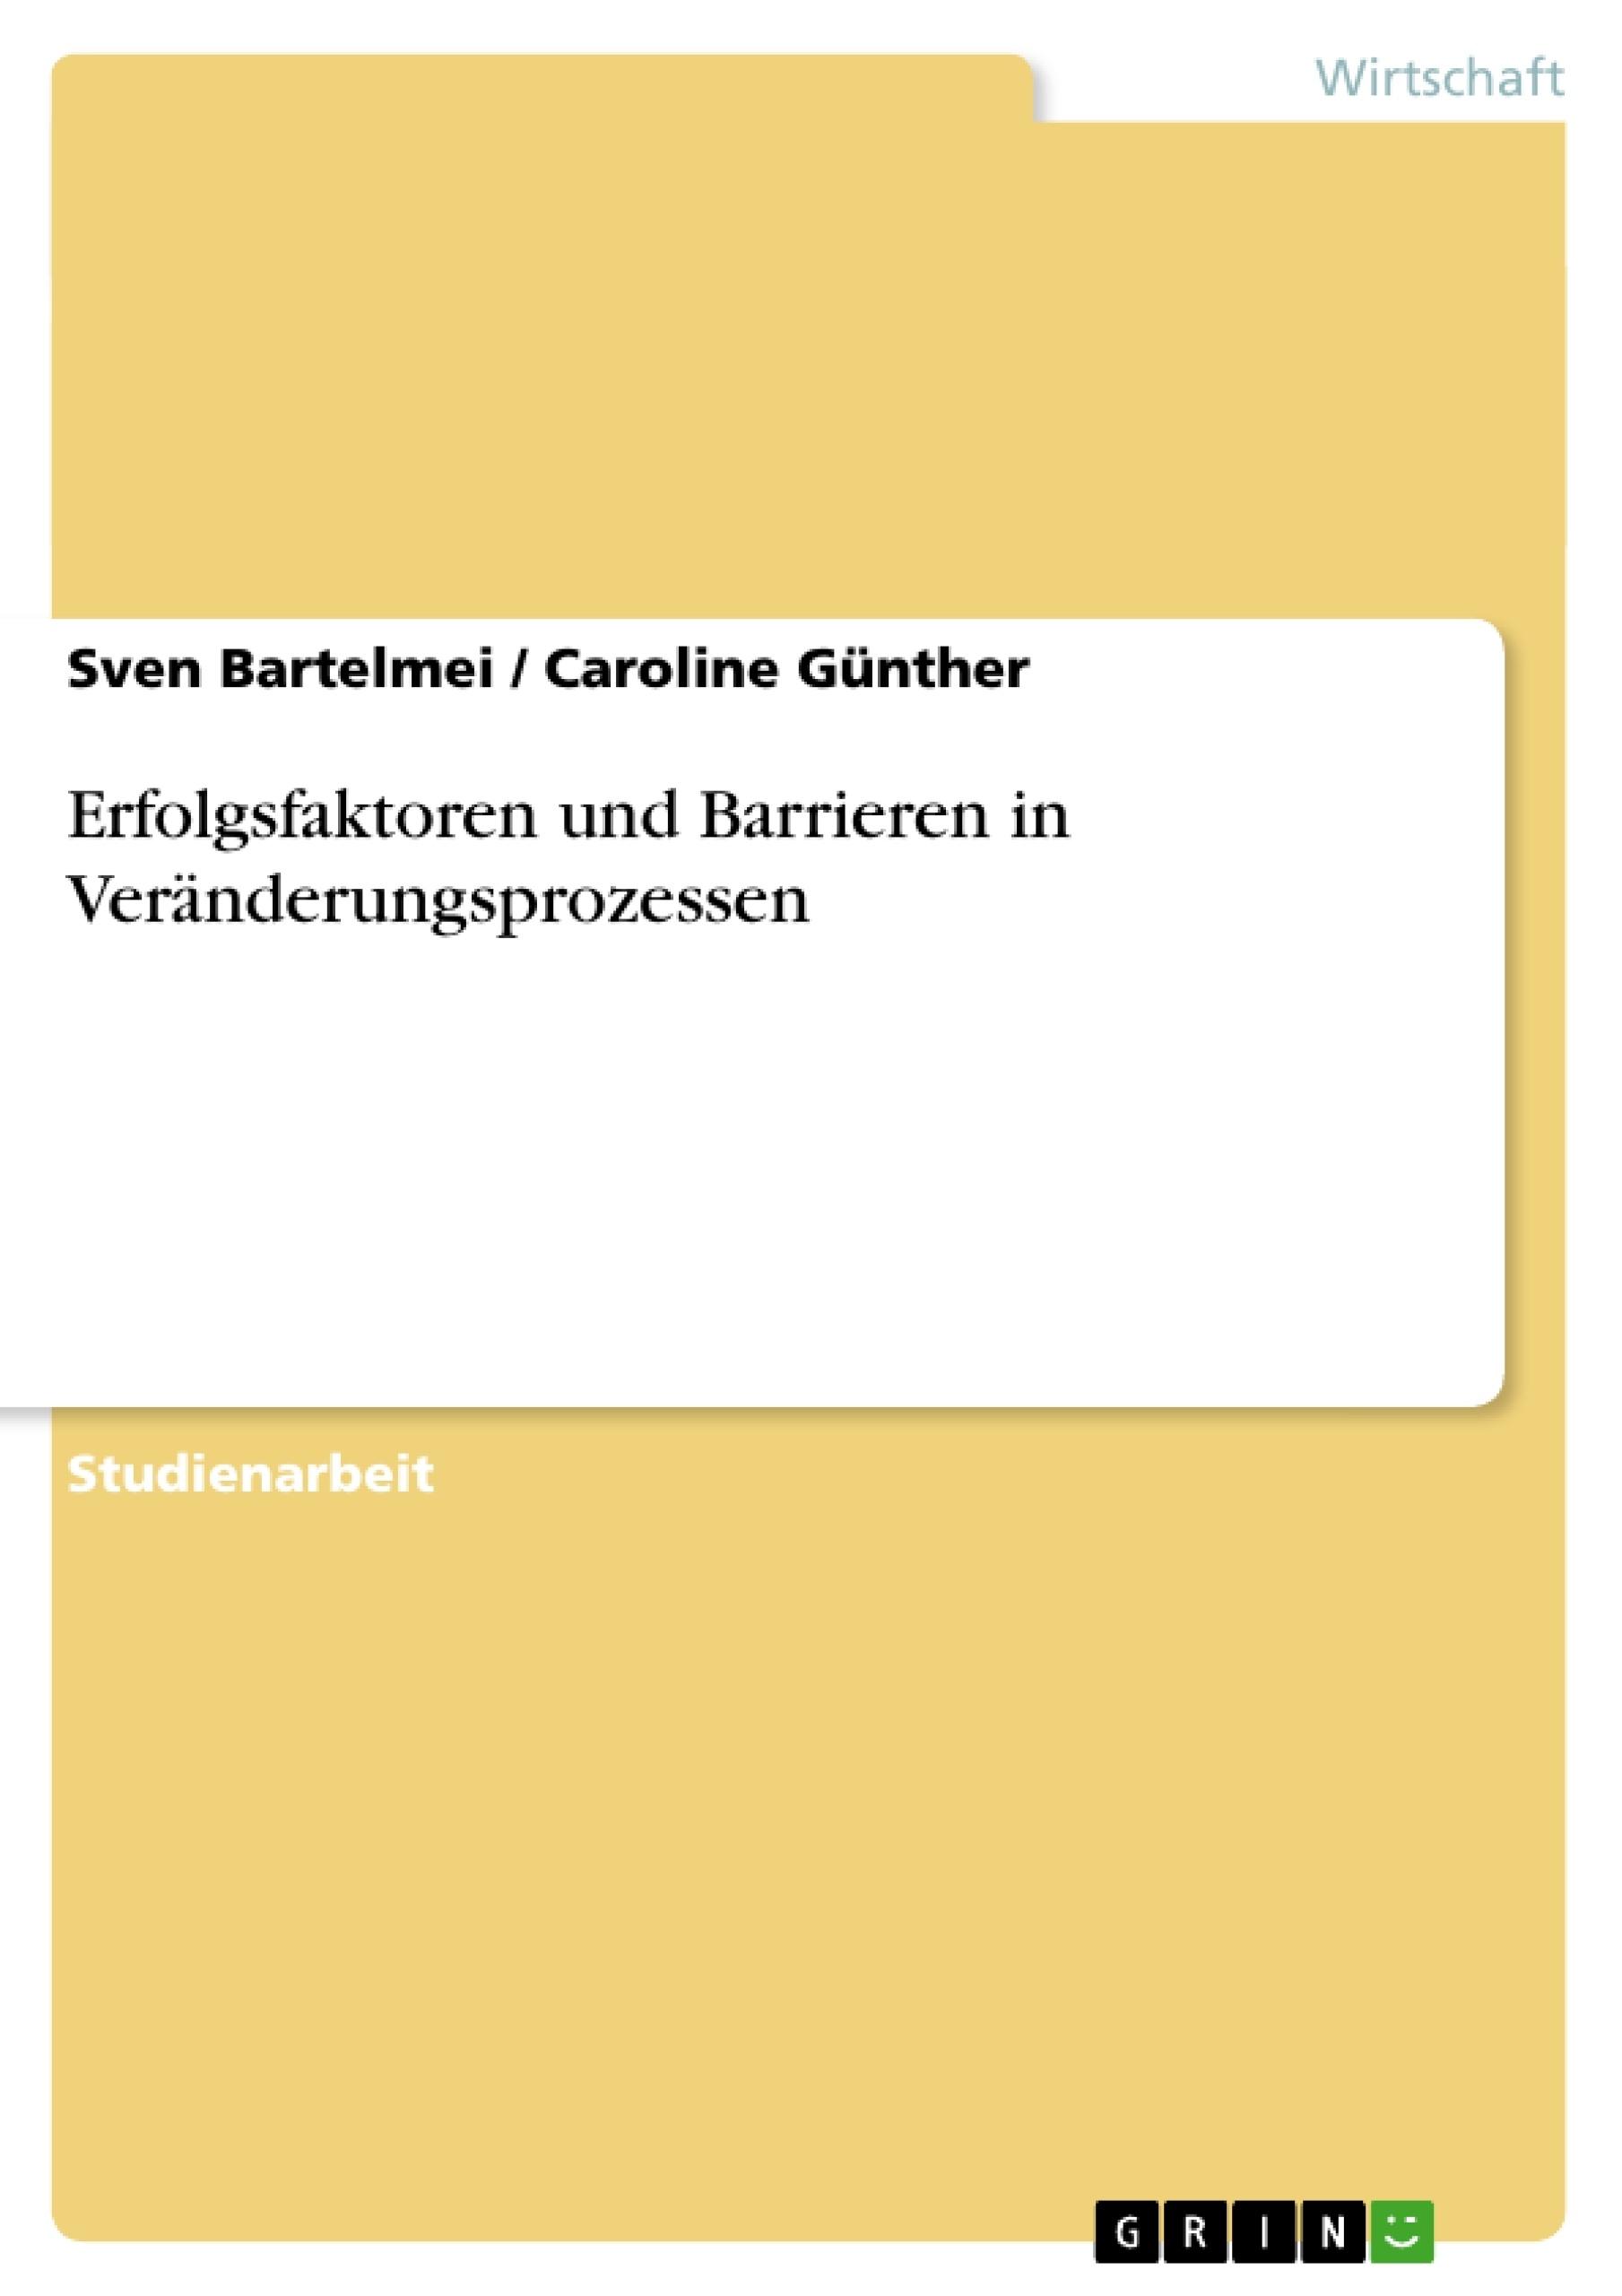 Titel: Erfolgsfaktoren und Barrieren in Veränderungsprozessen